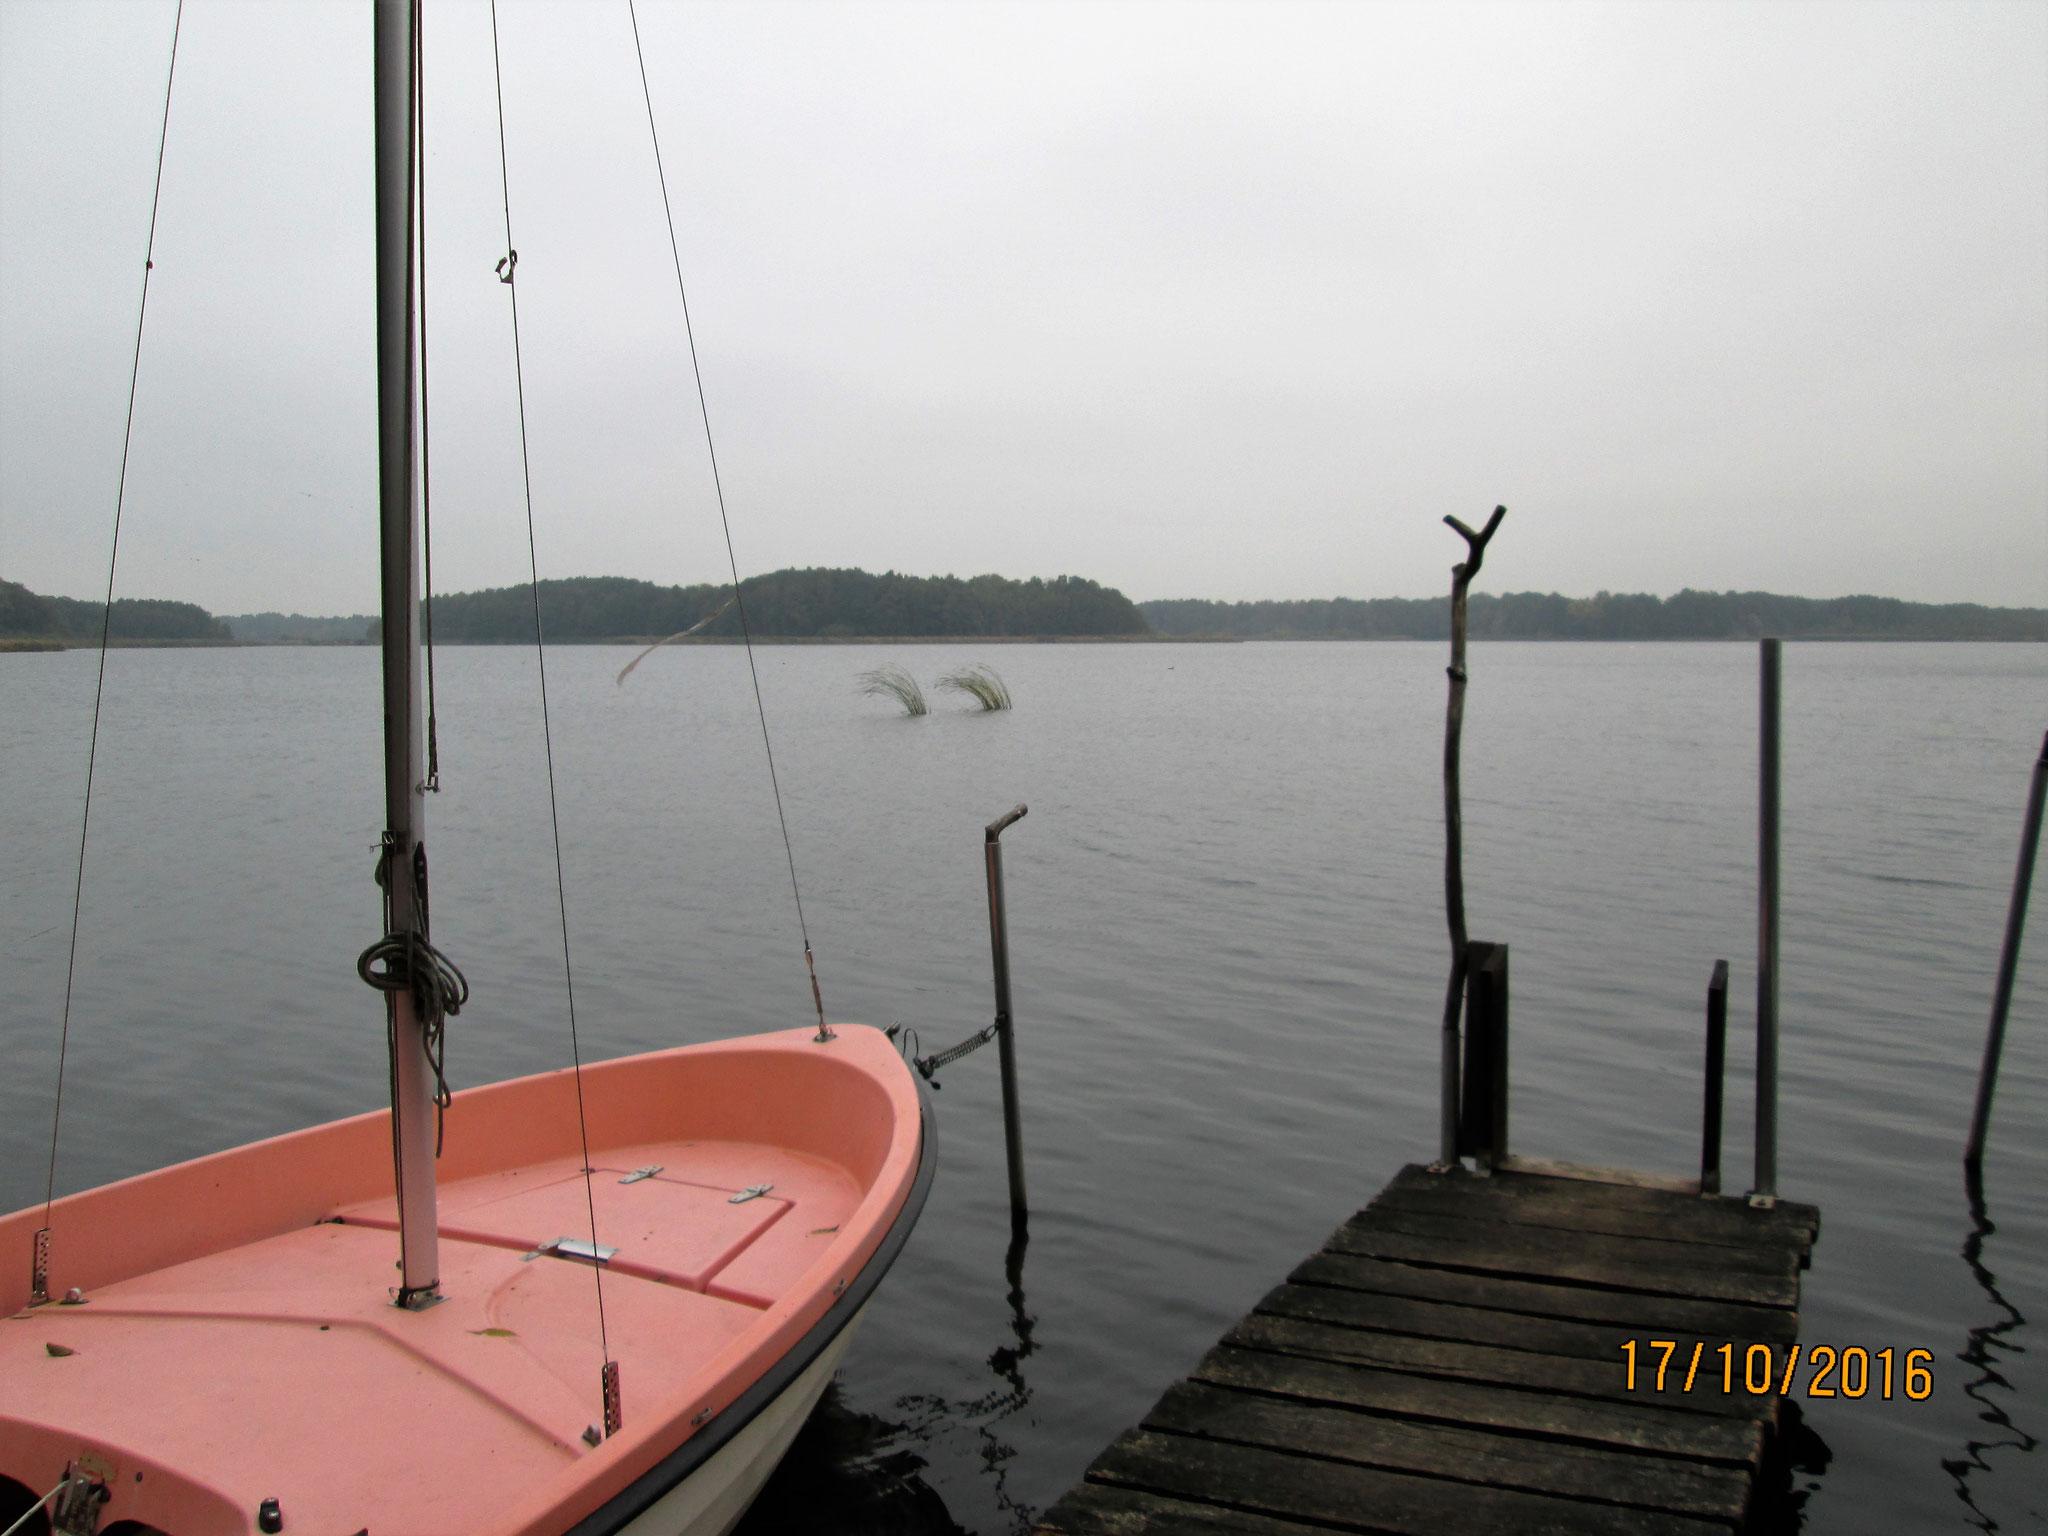 ... wartet, während Wasser an die Bootswand schwappt im rhythmischen Spiel